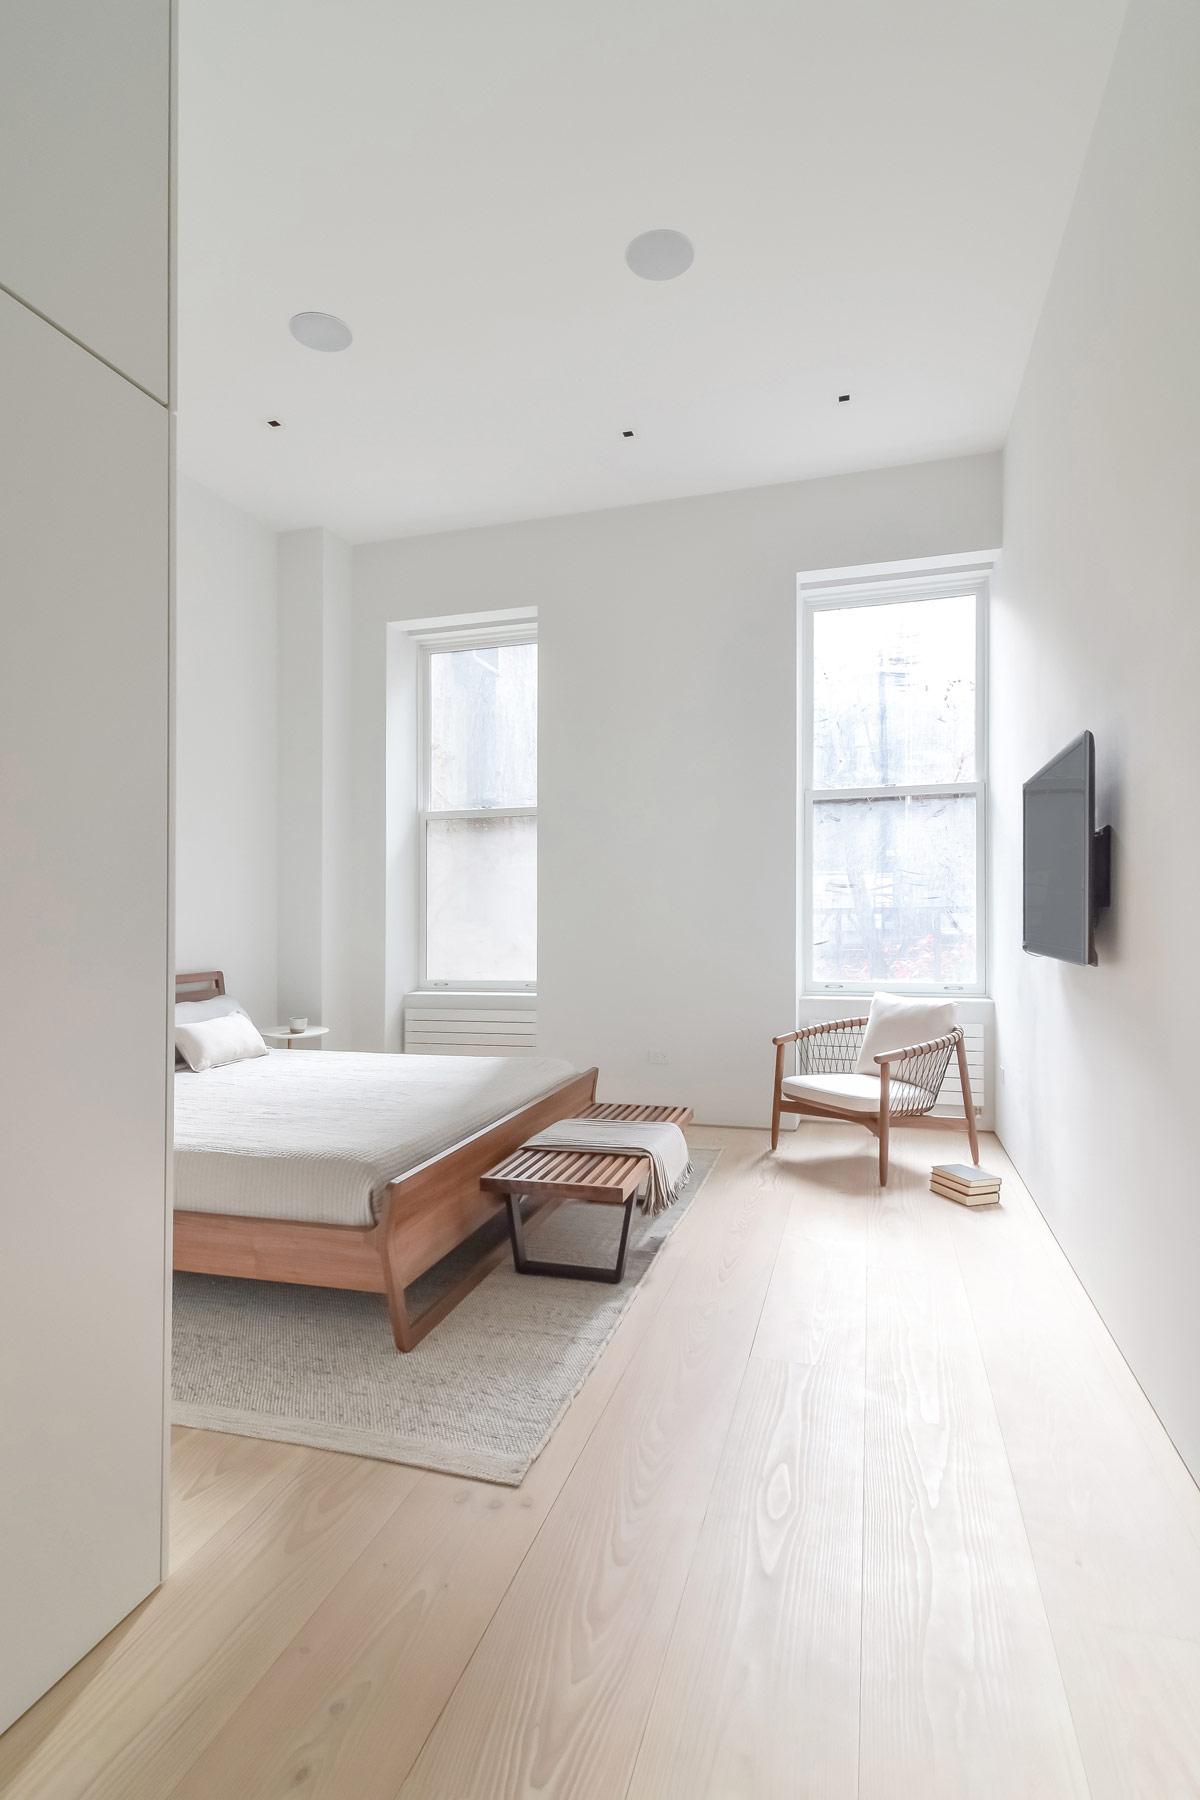 """Dành cho ai có cuộc sống xô bồ, bận rộn: Một không gian sống kết hợp từ bộ đôi """"Scandinavia và sự tối giản của người Nhật"""" sẽ khiến bạn phải vỗ tay hài lòng - Ảnh 11."""